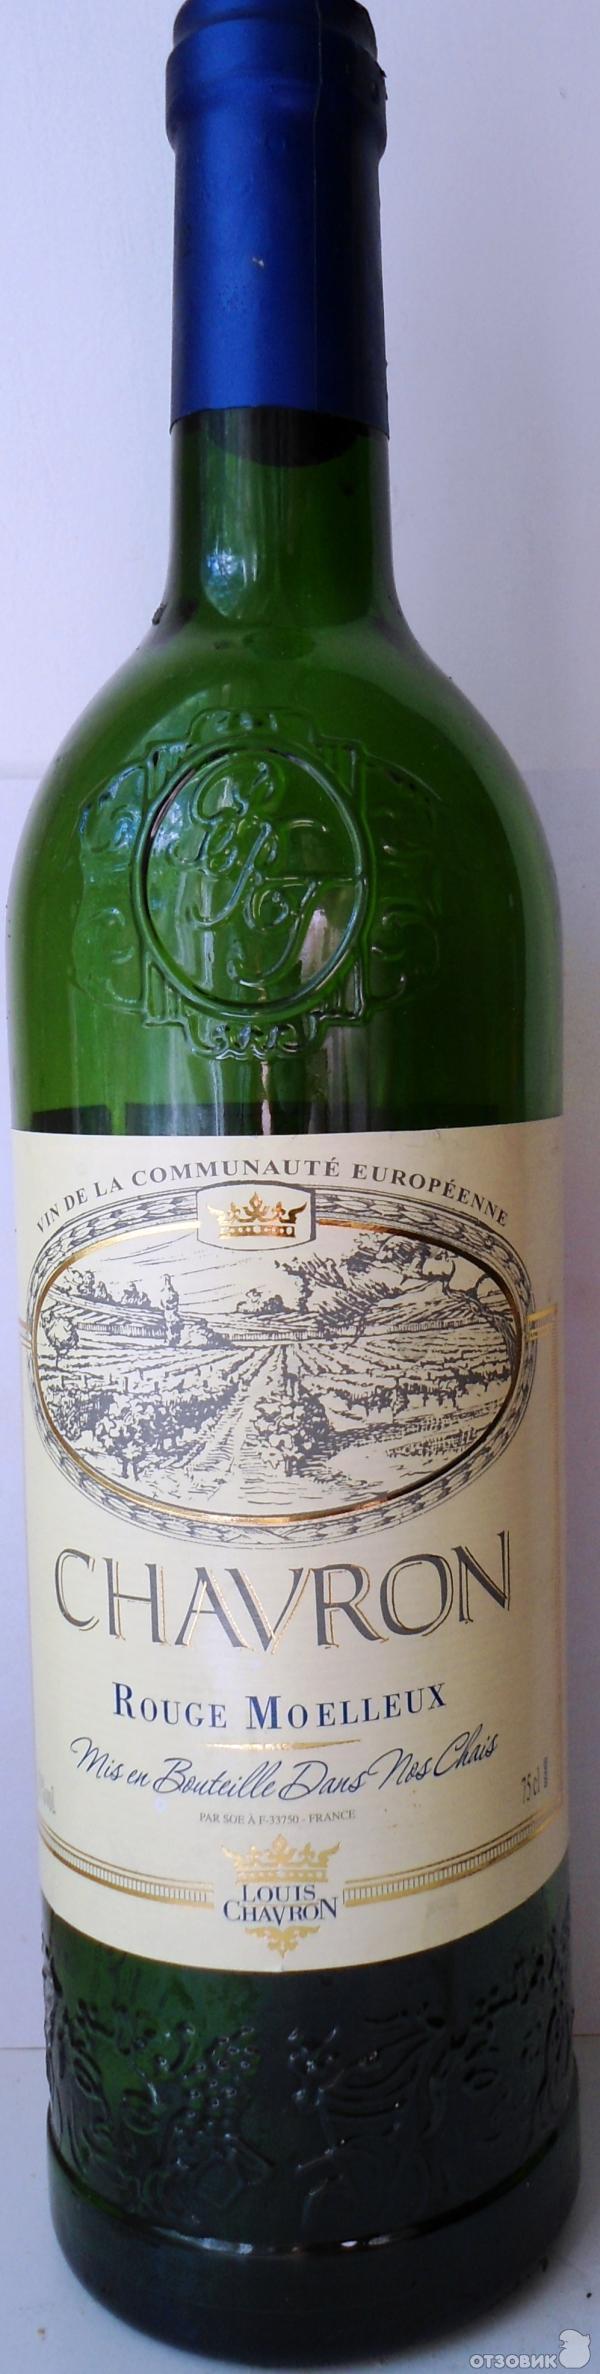 Е Недорогое Вкусное Французское Вино